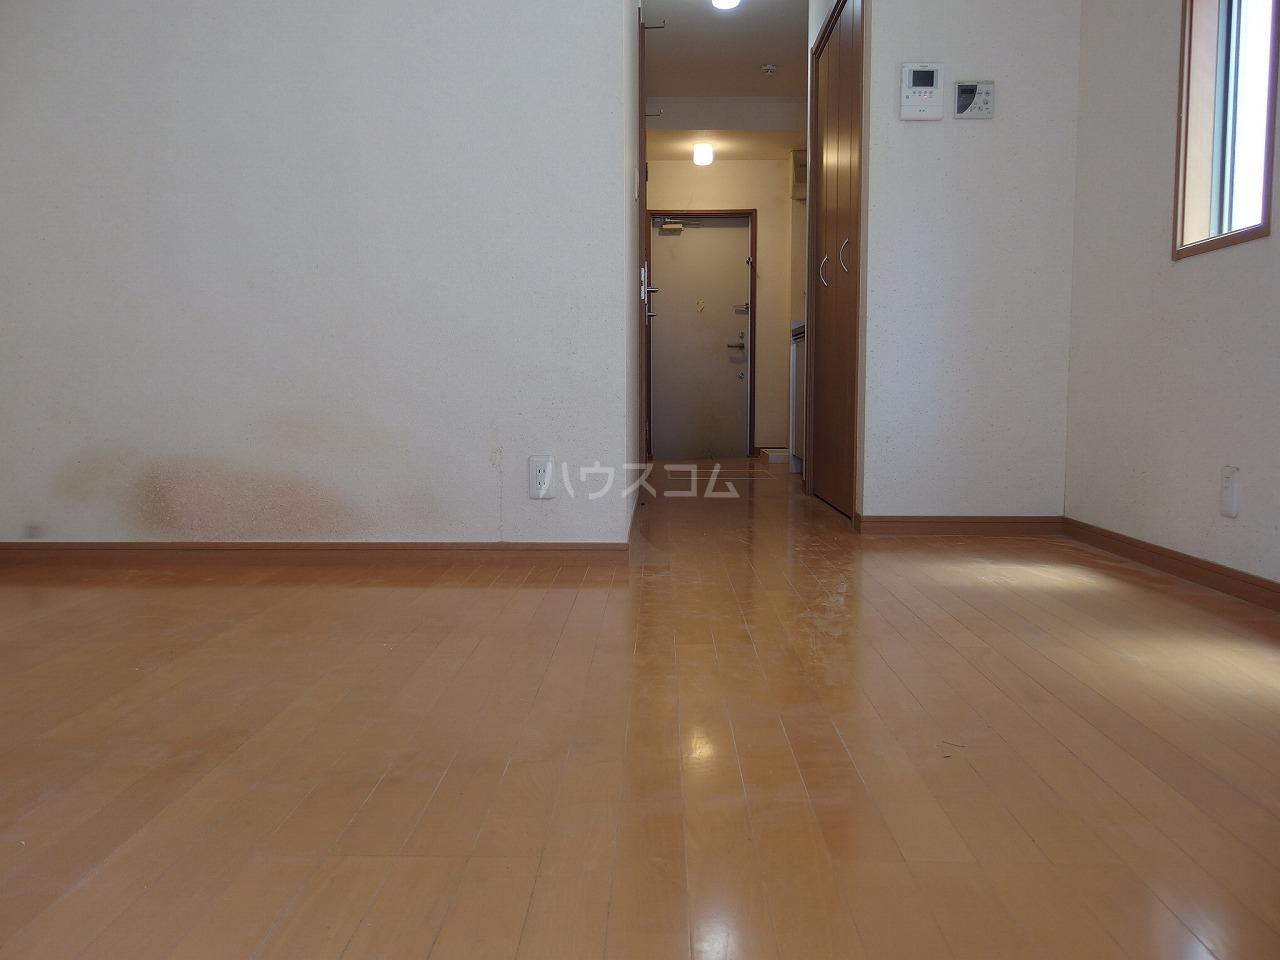 コート・ドールA 102号室のリビング